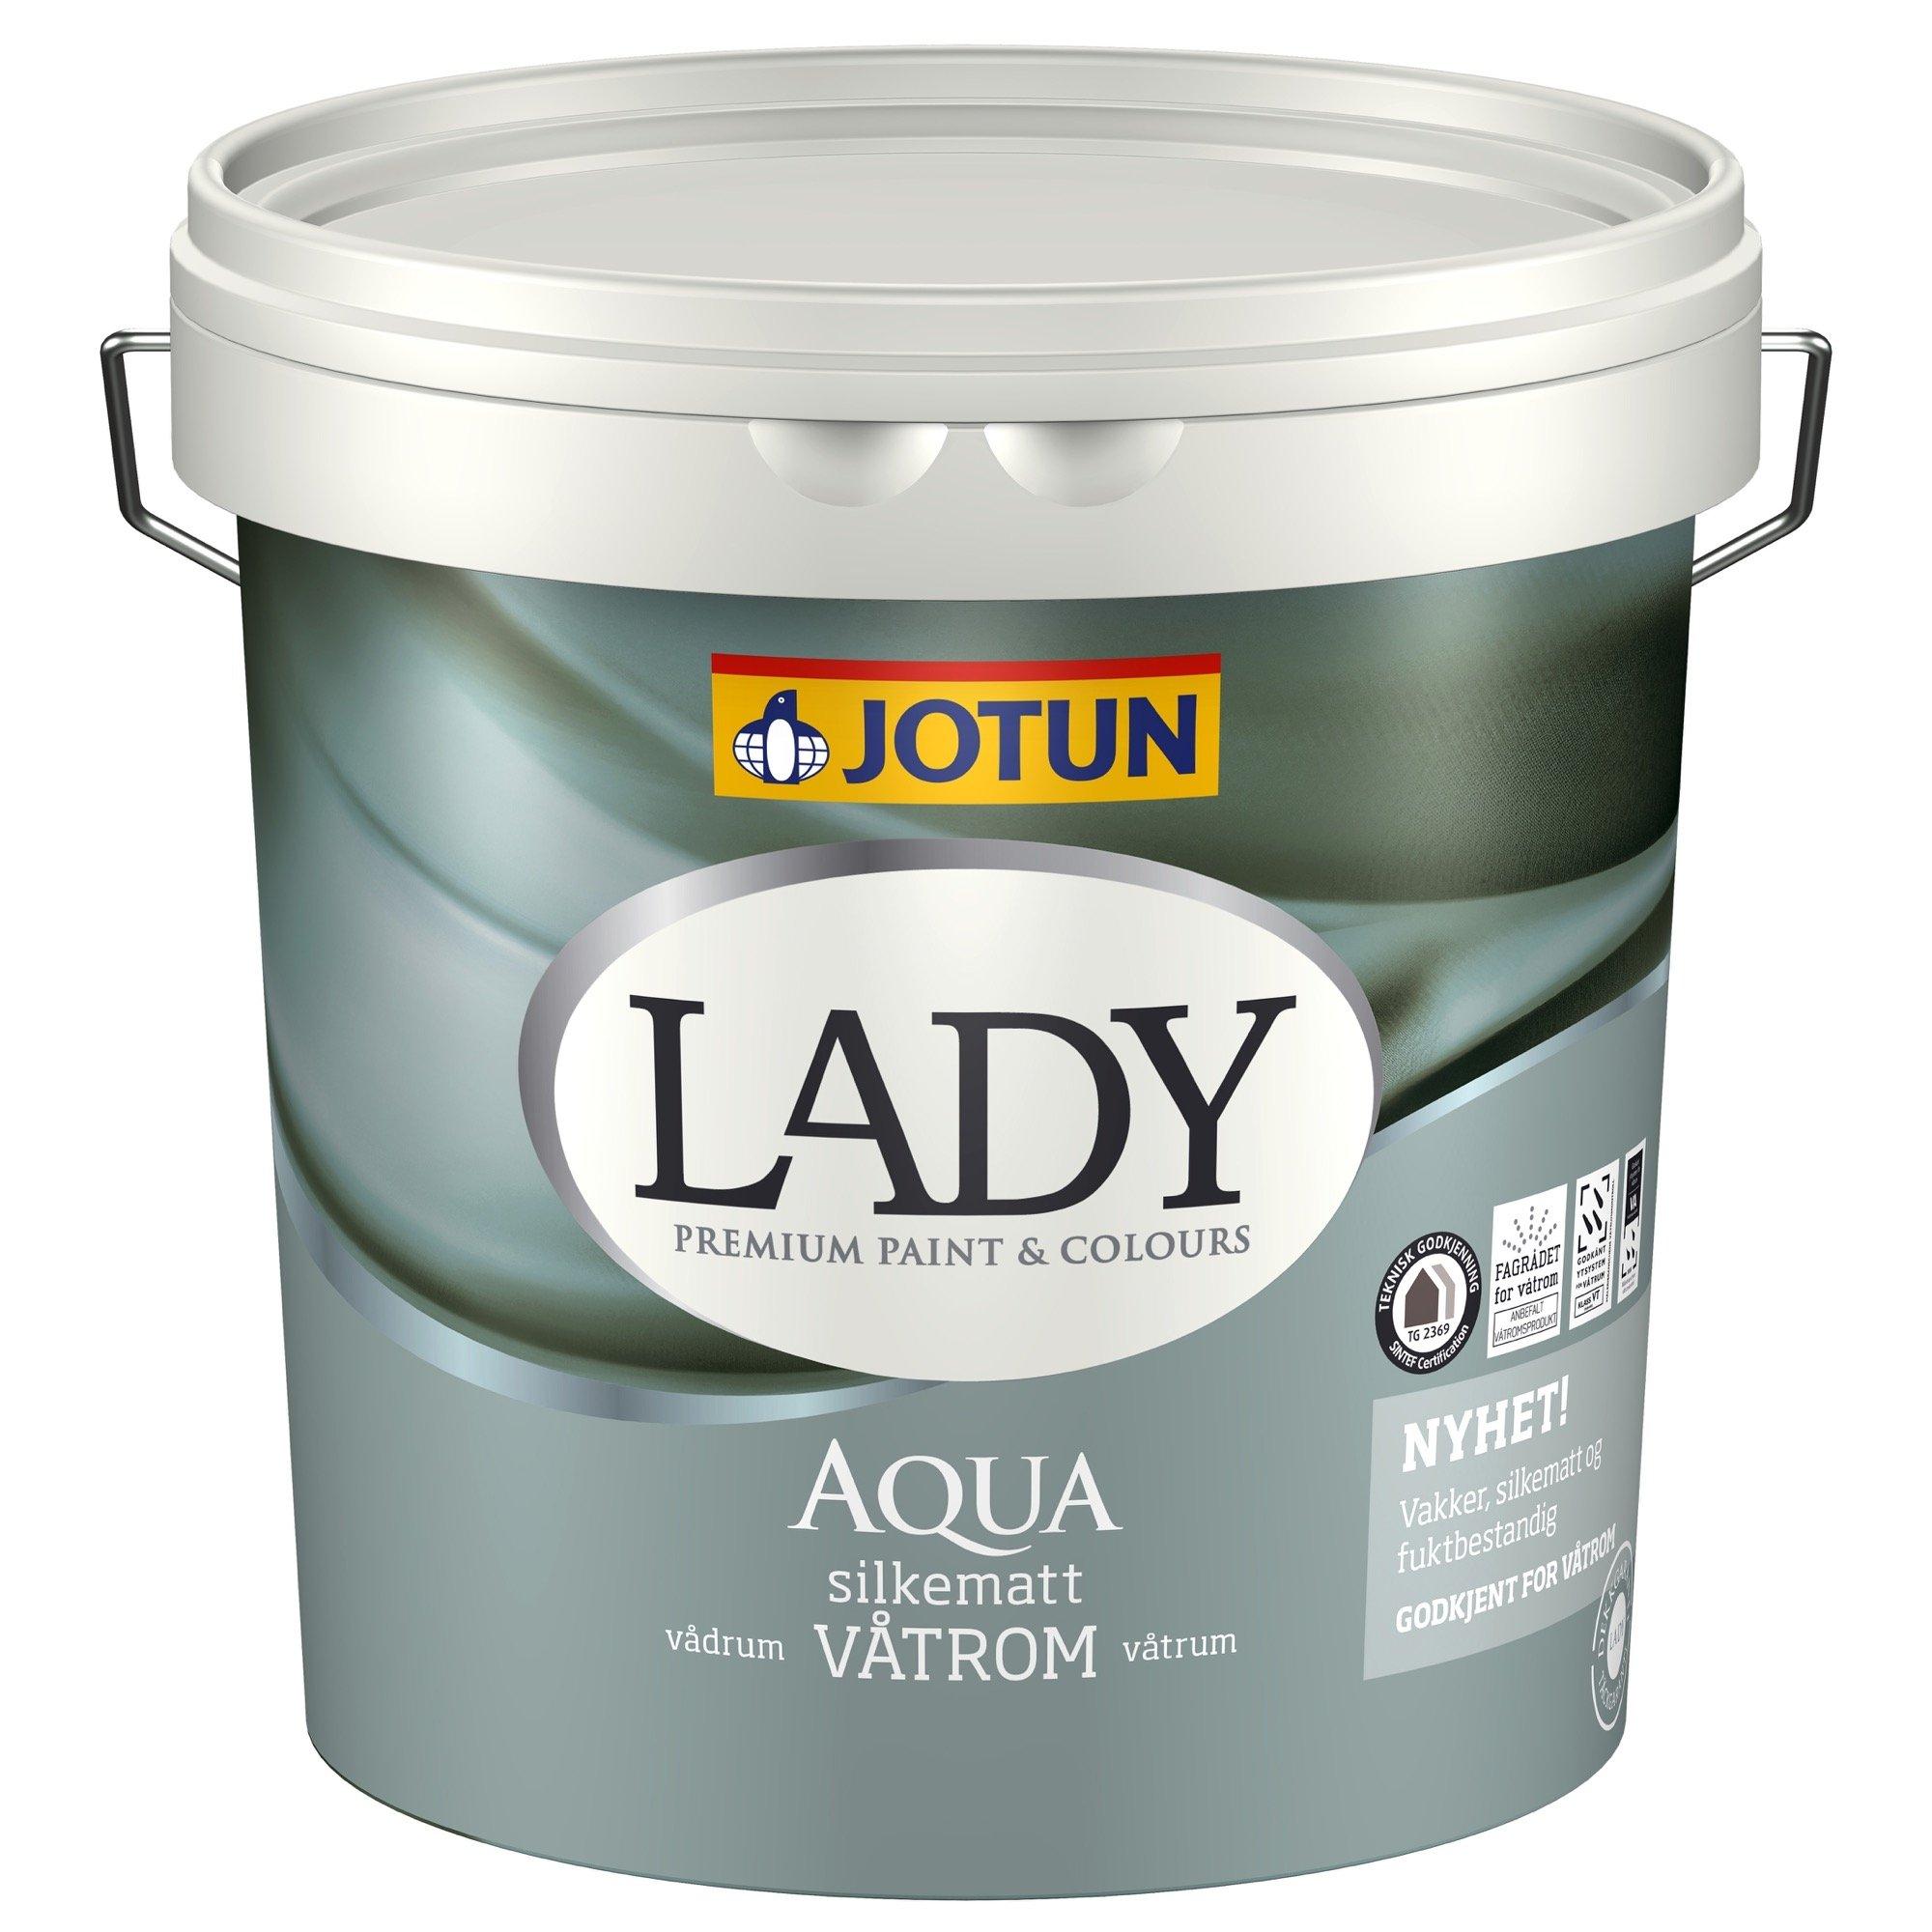 LADY Aqua vægmaling vådrum 2,7 L